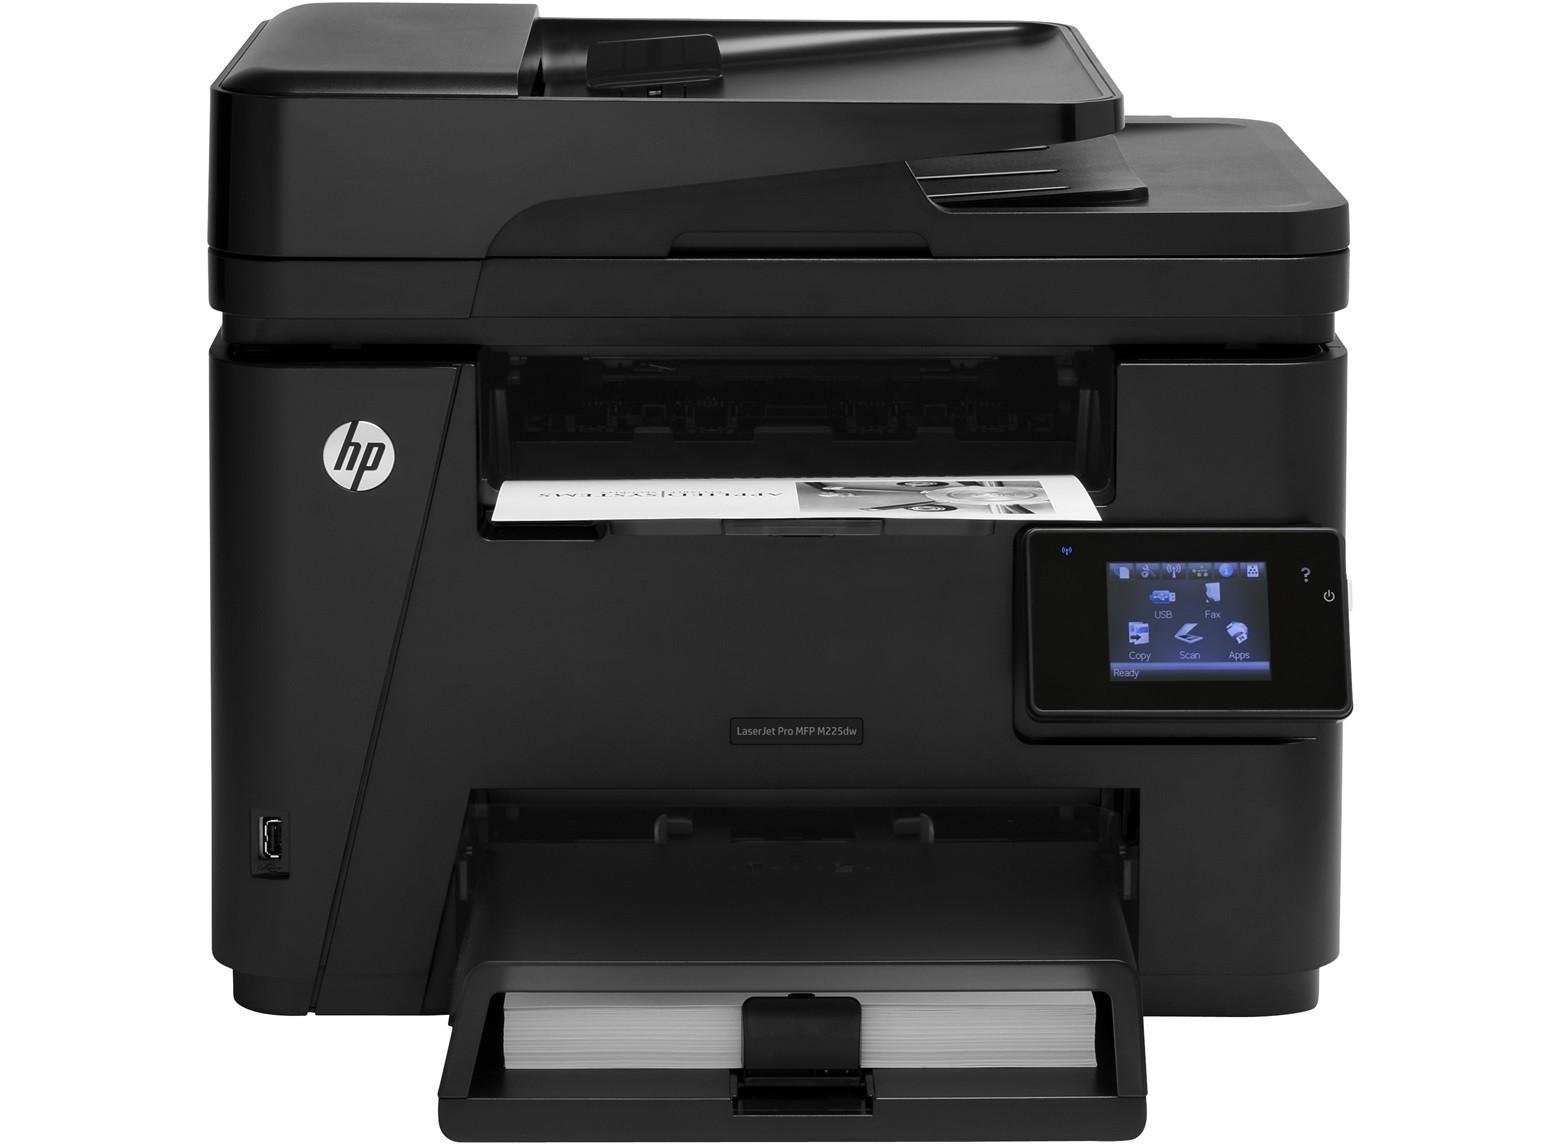 Принтер HP LaserJet Pro MFP M225dw